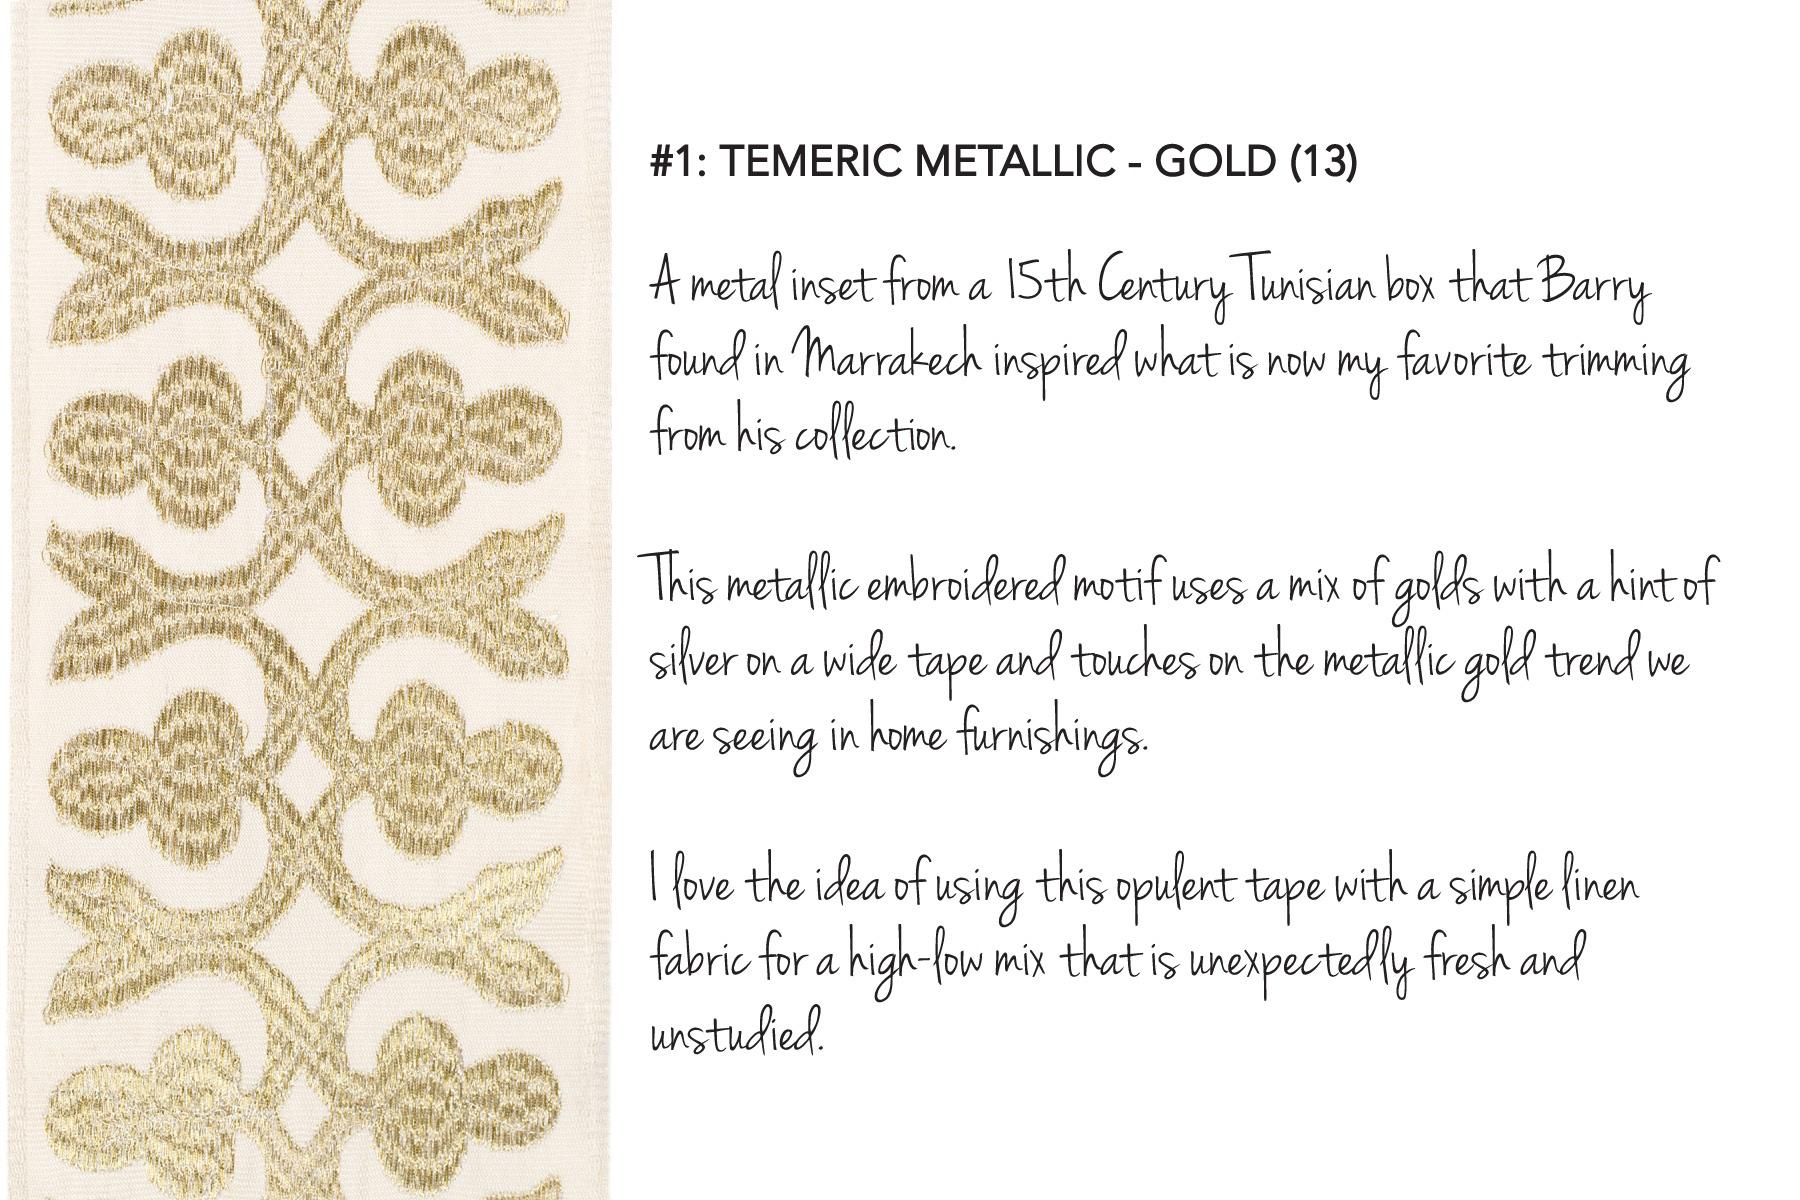 Temeric_Metallic_#1